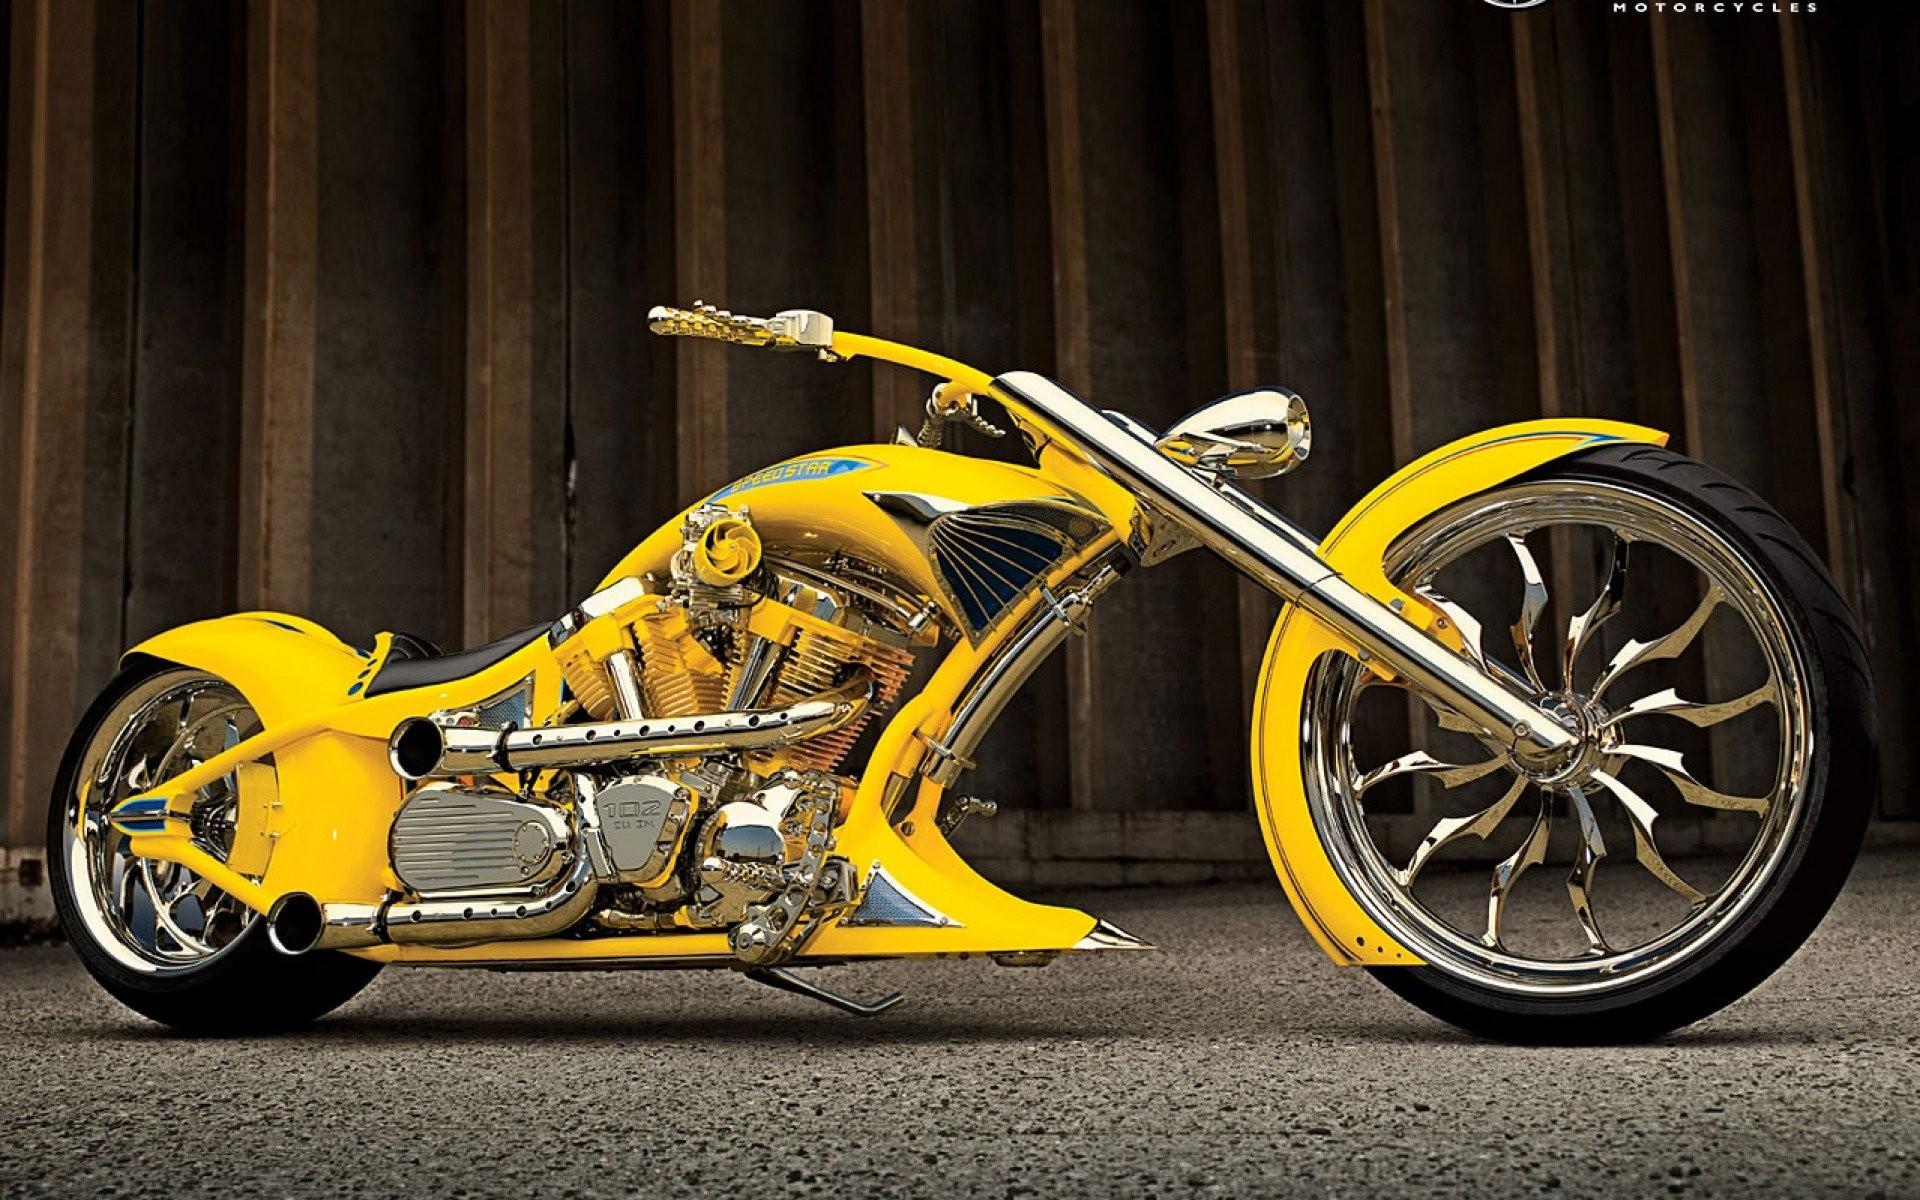 Orange County Choppers, Inc. (kurz OCC) ist ein US-amerikanischer Motorradhersteller, der sich auf Chopper-Sonderanfertigungen spezialisiert sepfeyms.gaational bekannt wurde das Unternehmen durch die Fernsehserie American Chopper.